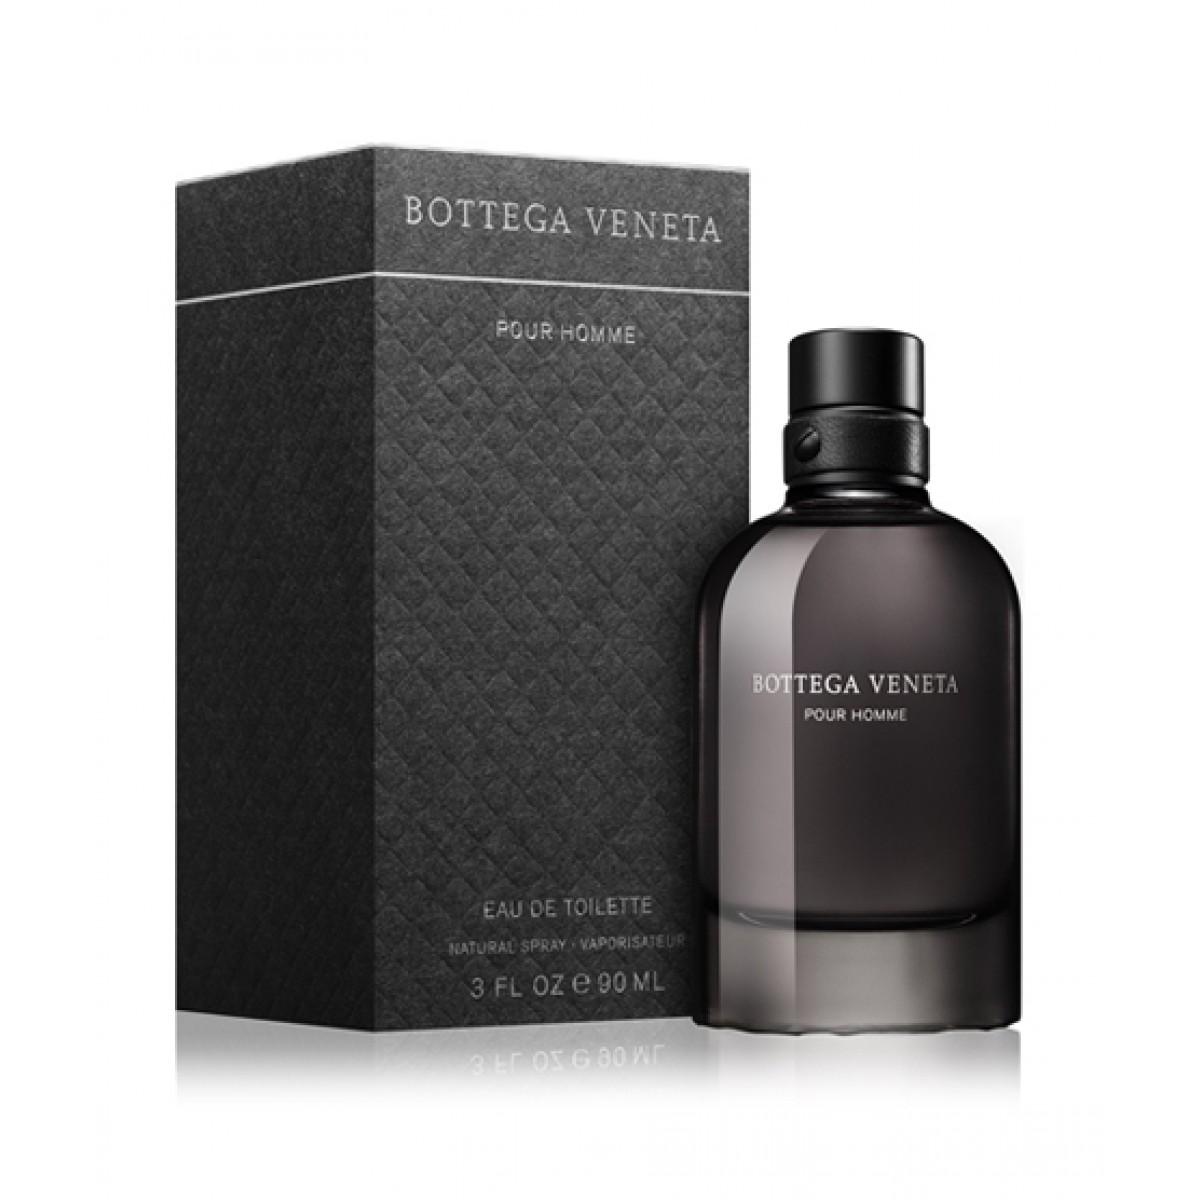 Bottega Veneta EDT Perfume For Men 90ML